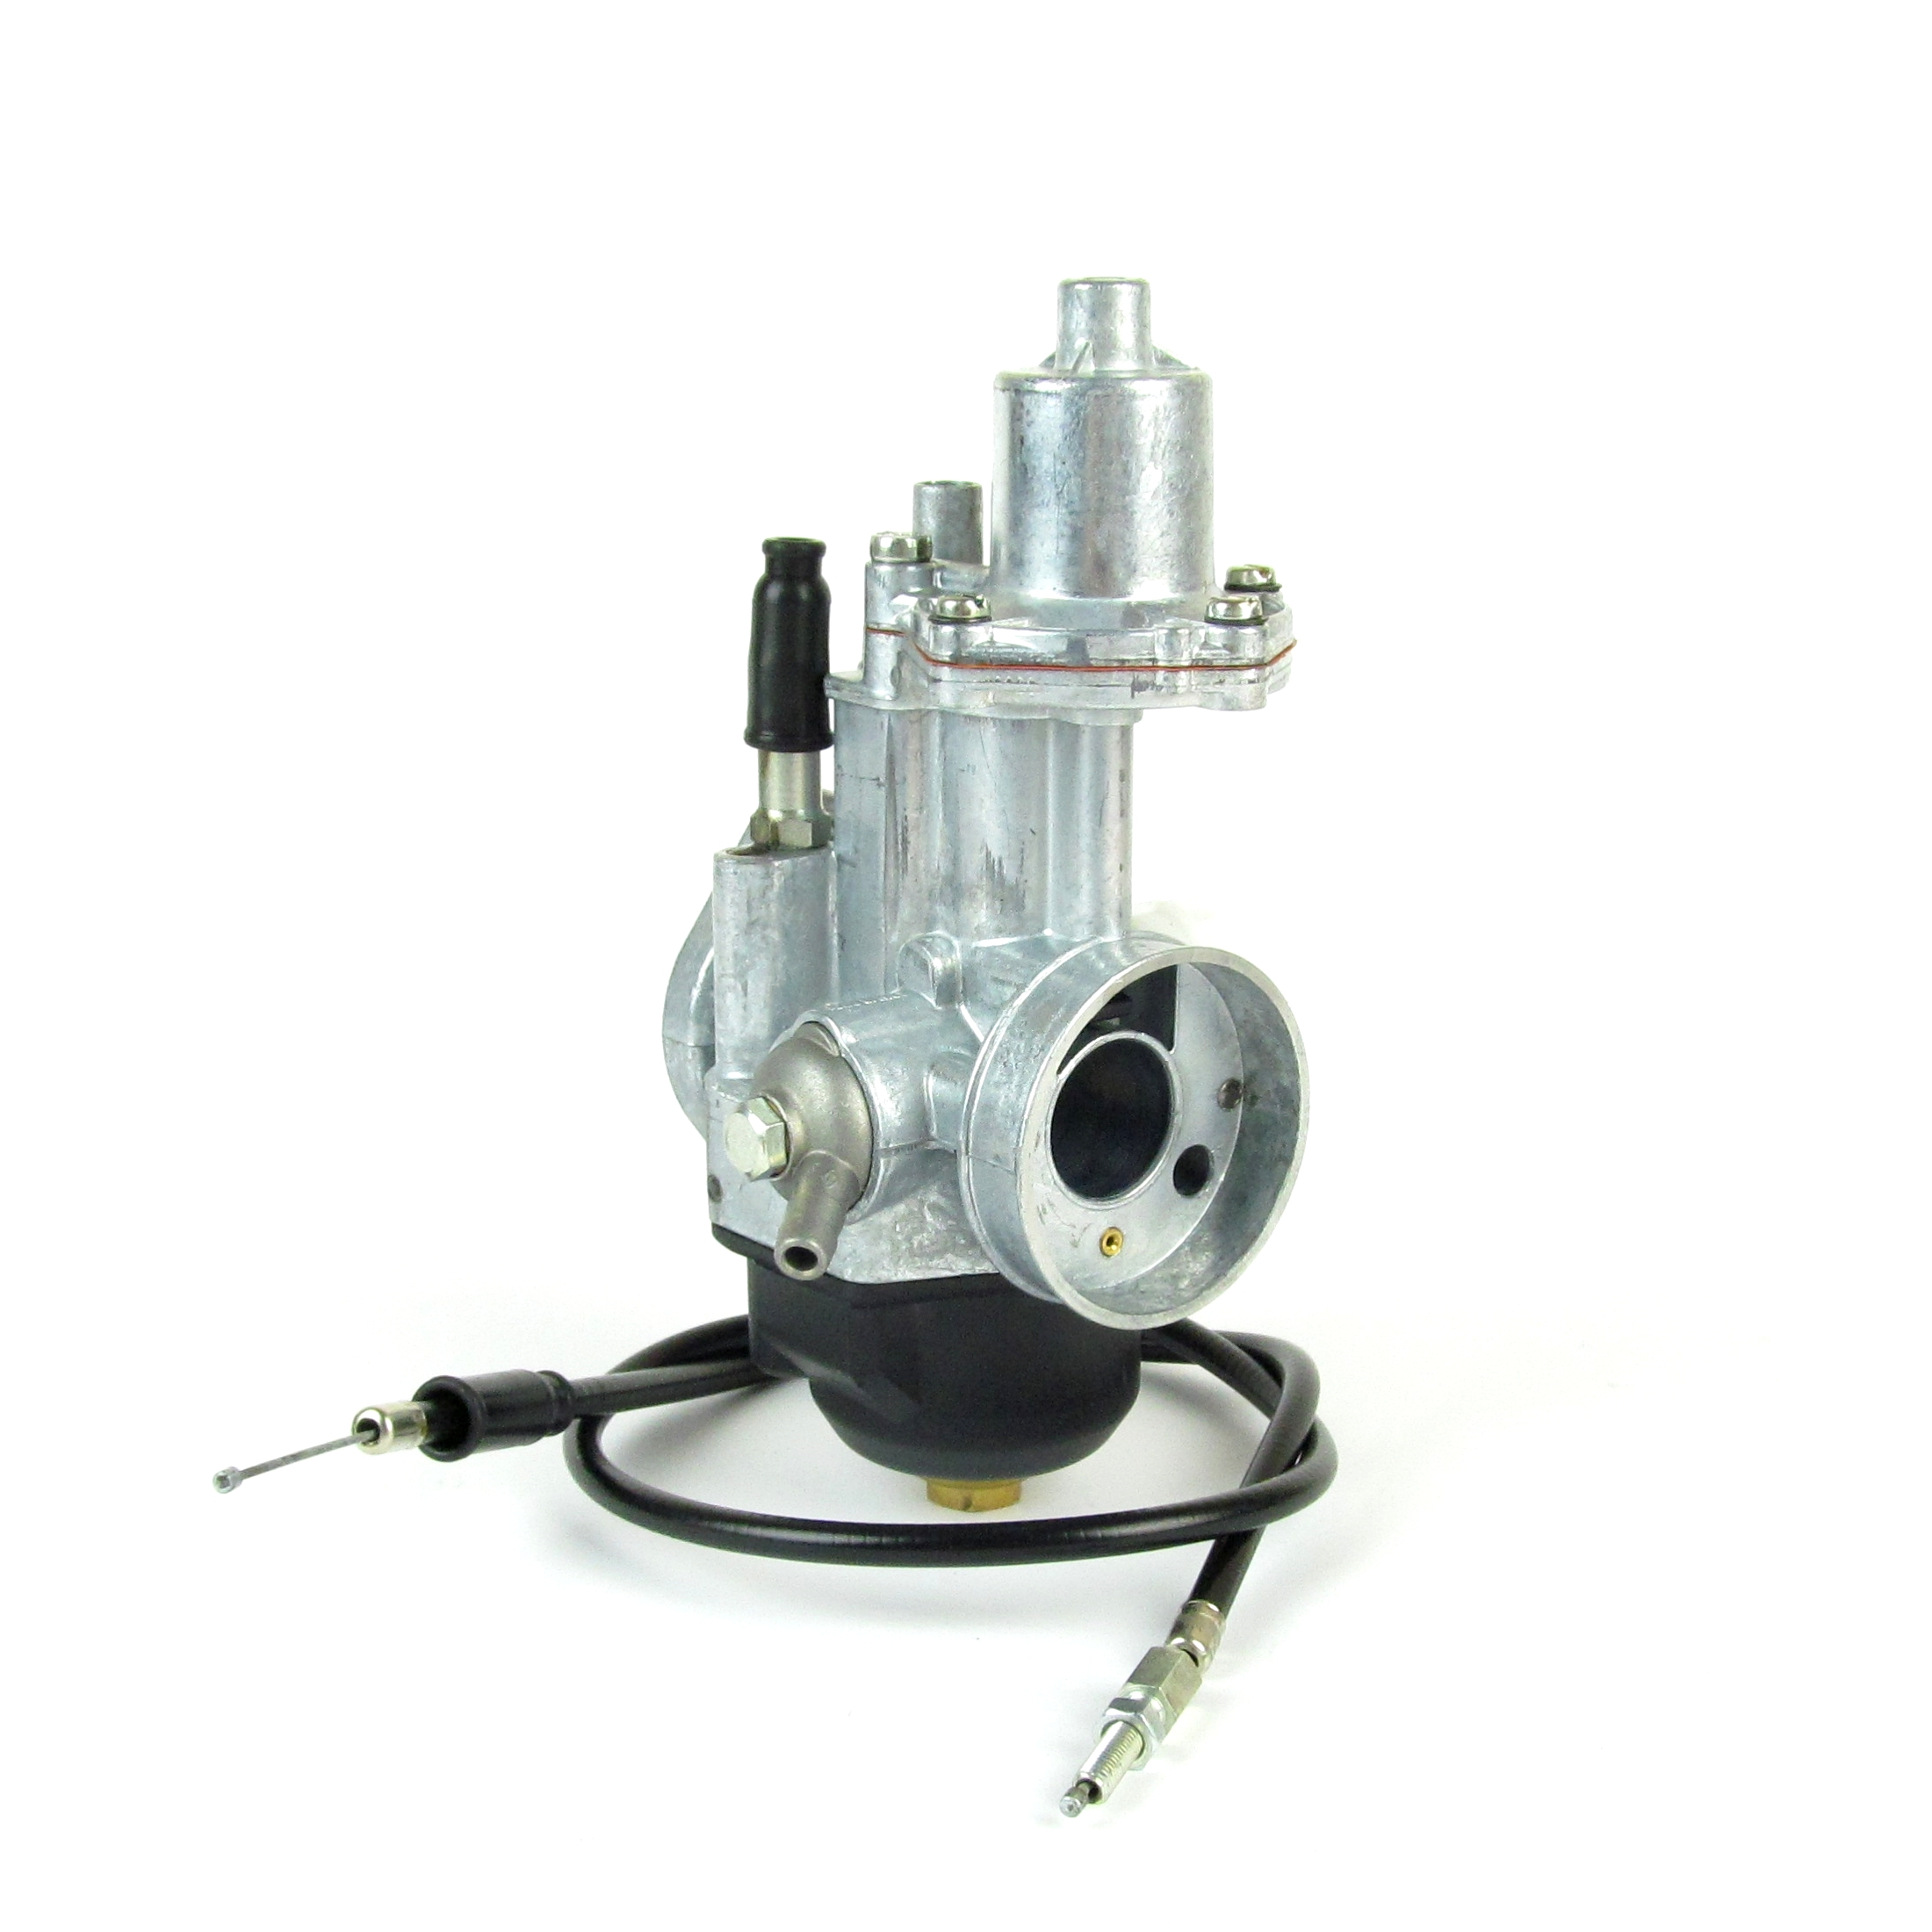 Dellorto SHBB 22.22 karbiuratorius Piaggio Motocarro APE 2001 220cc 2 smūgis